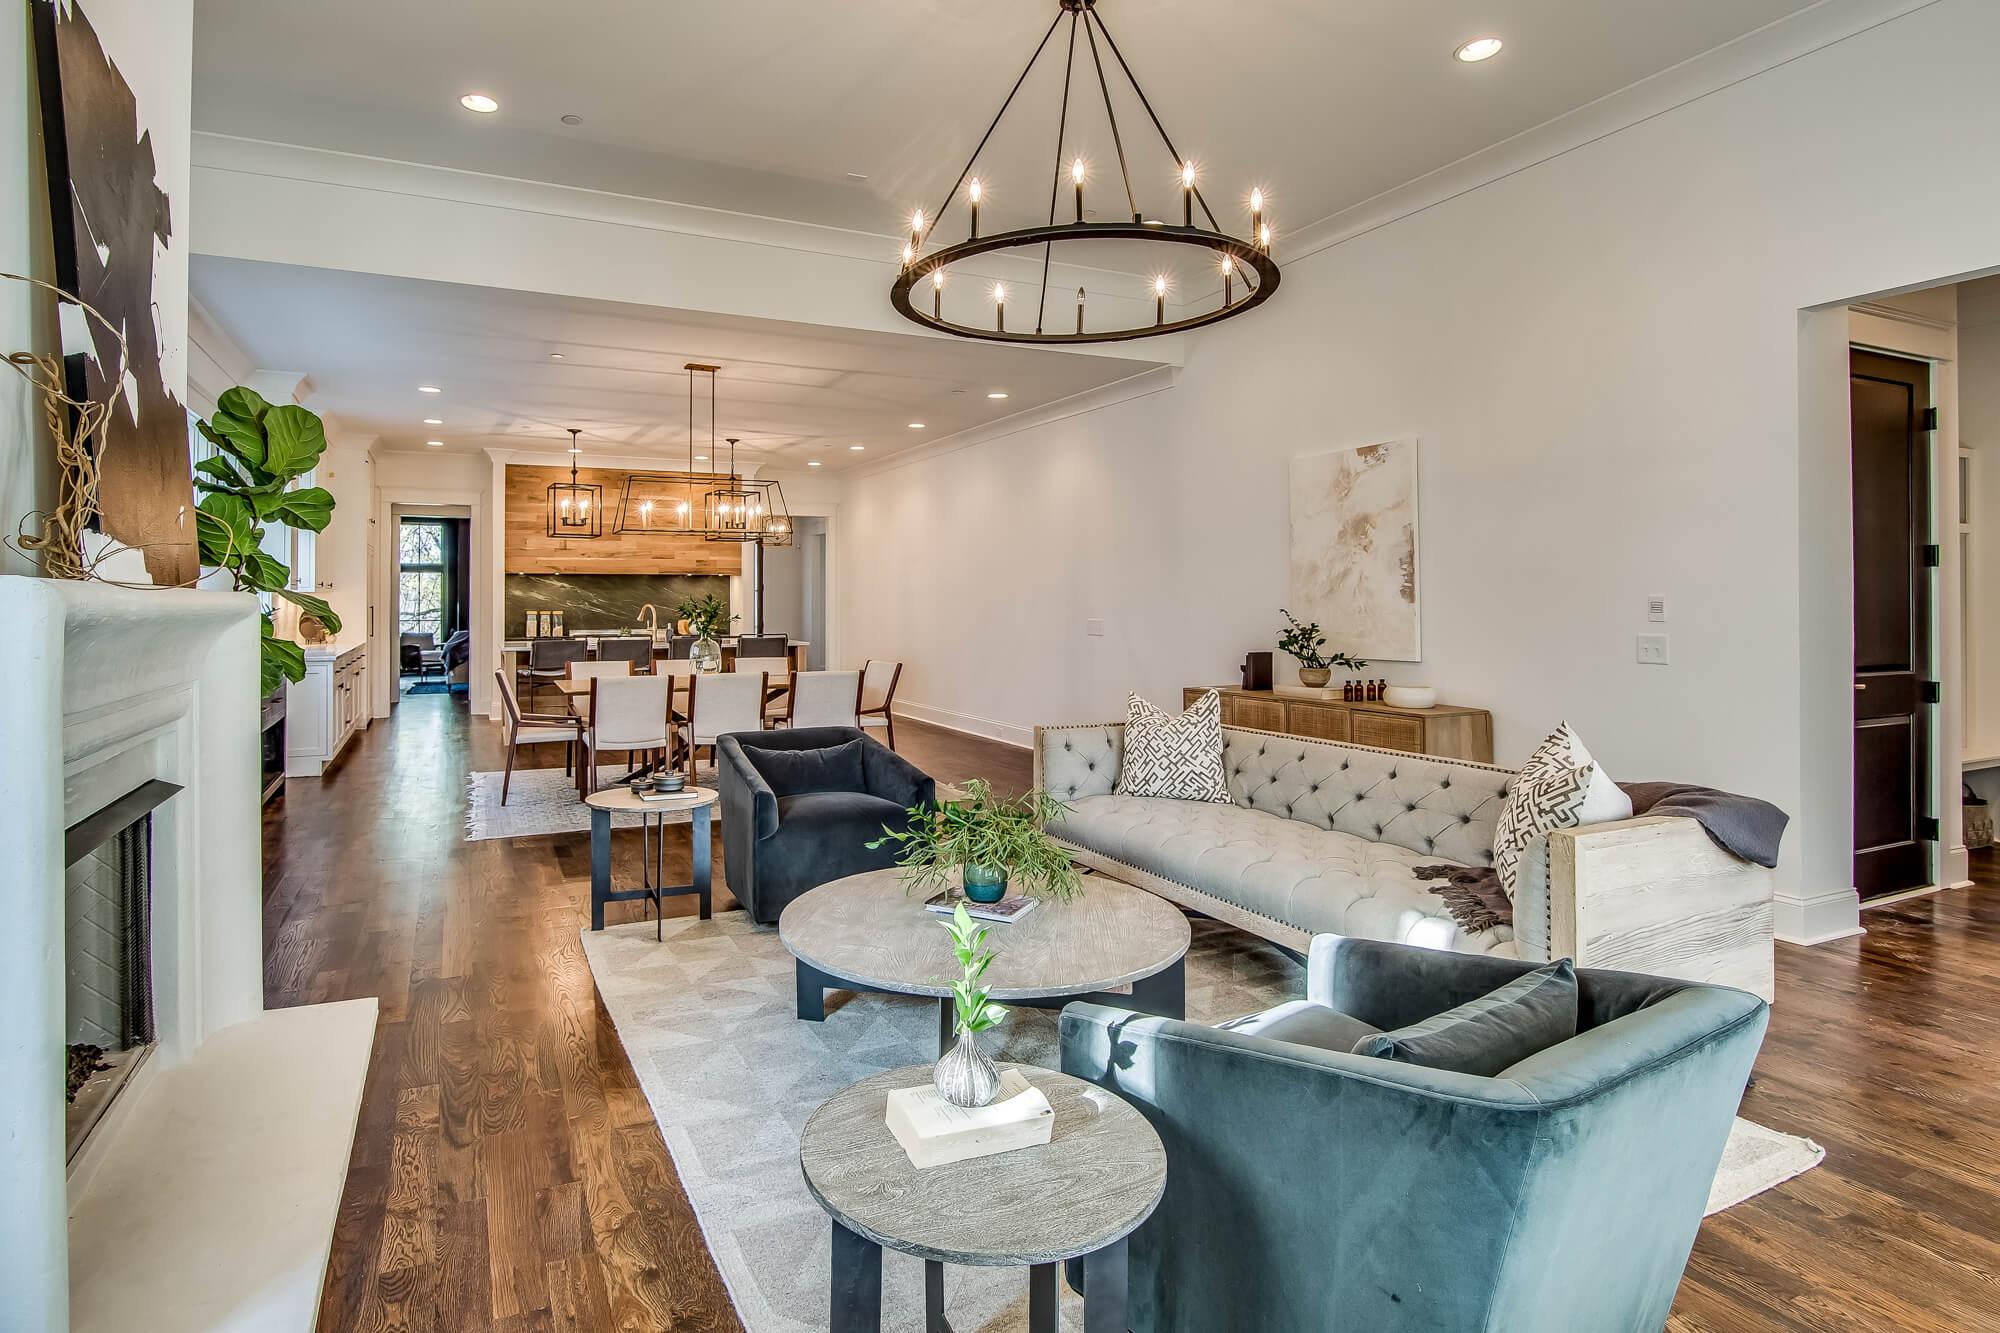 chandelier-development-nashville-tennessee-home-builder--12.jpg